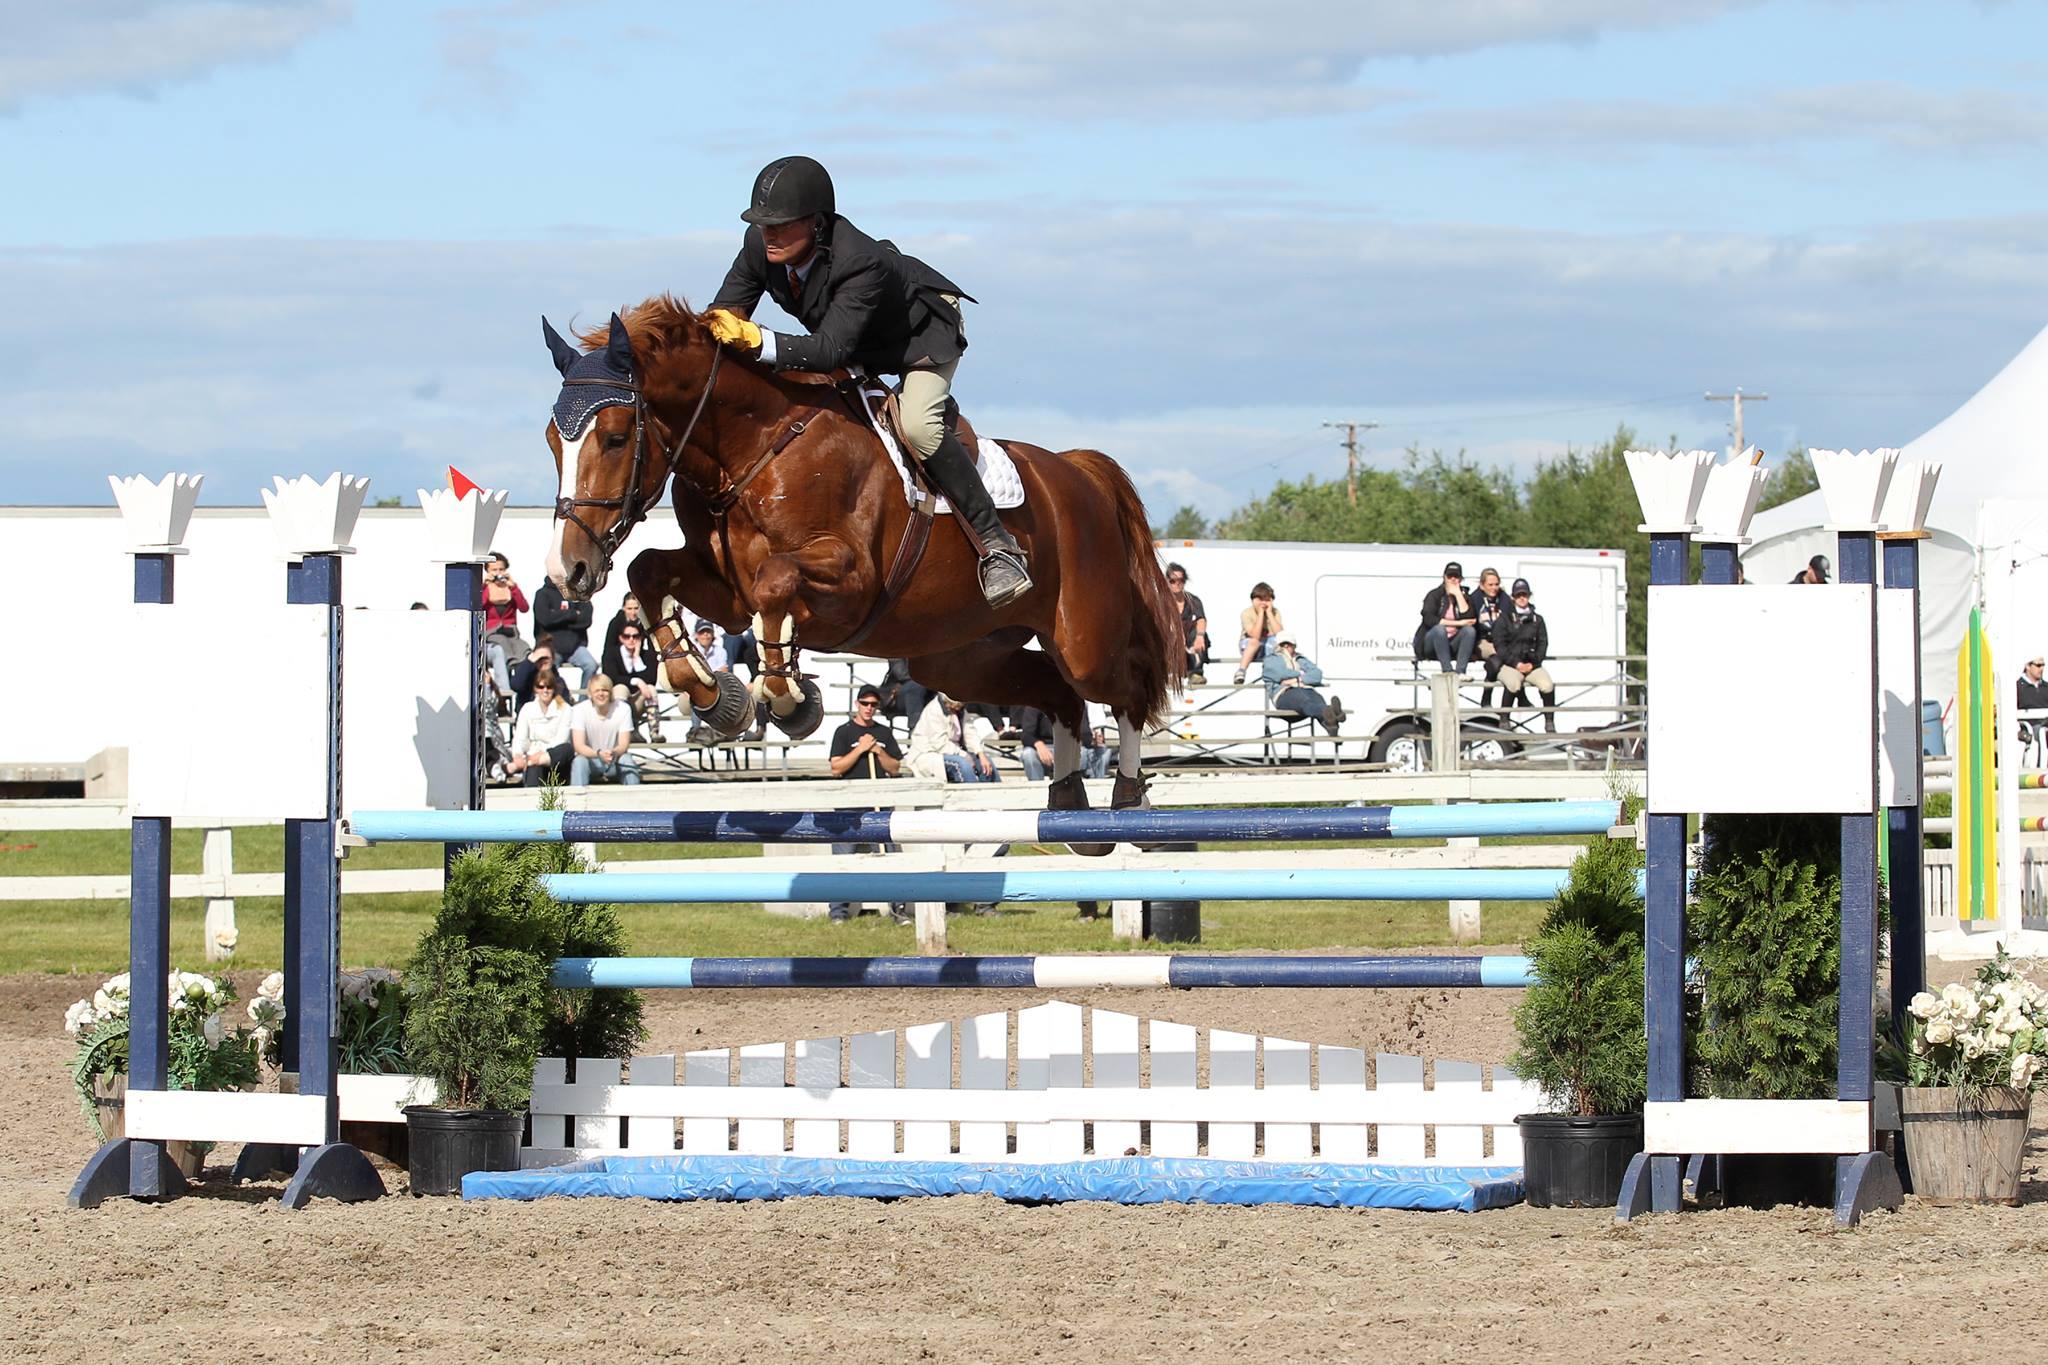 Paul O'Neill   Entraîneur Niveau II Canada Hippique, spécialisé en saut d'obstacle.  S'occupe de l'élevage avec sa fille et de la vente de chevaux.  Plus que 40 années d'expérience.